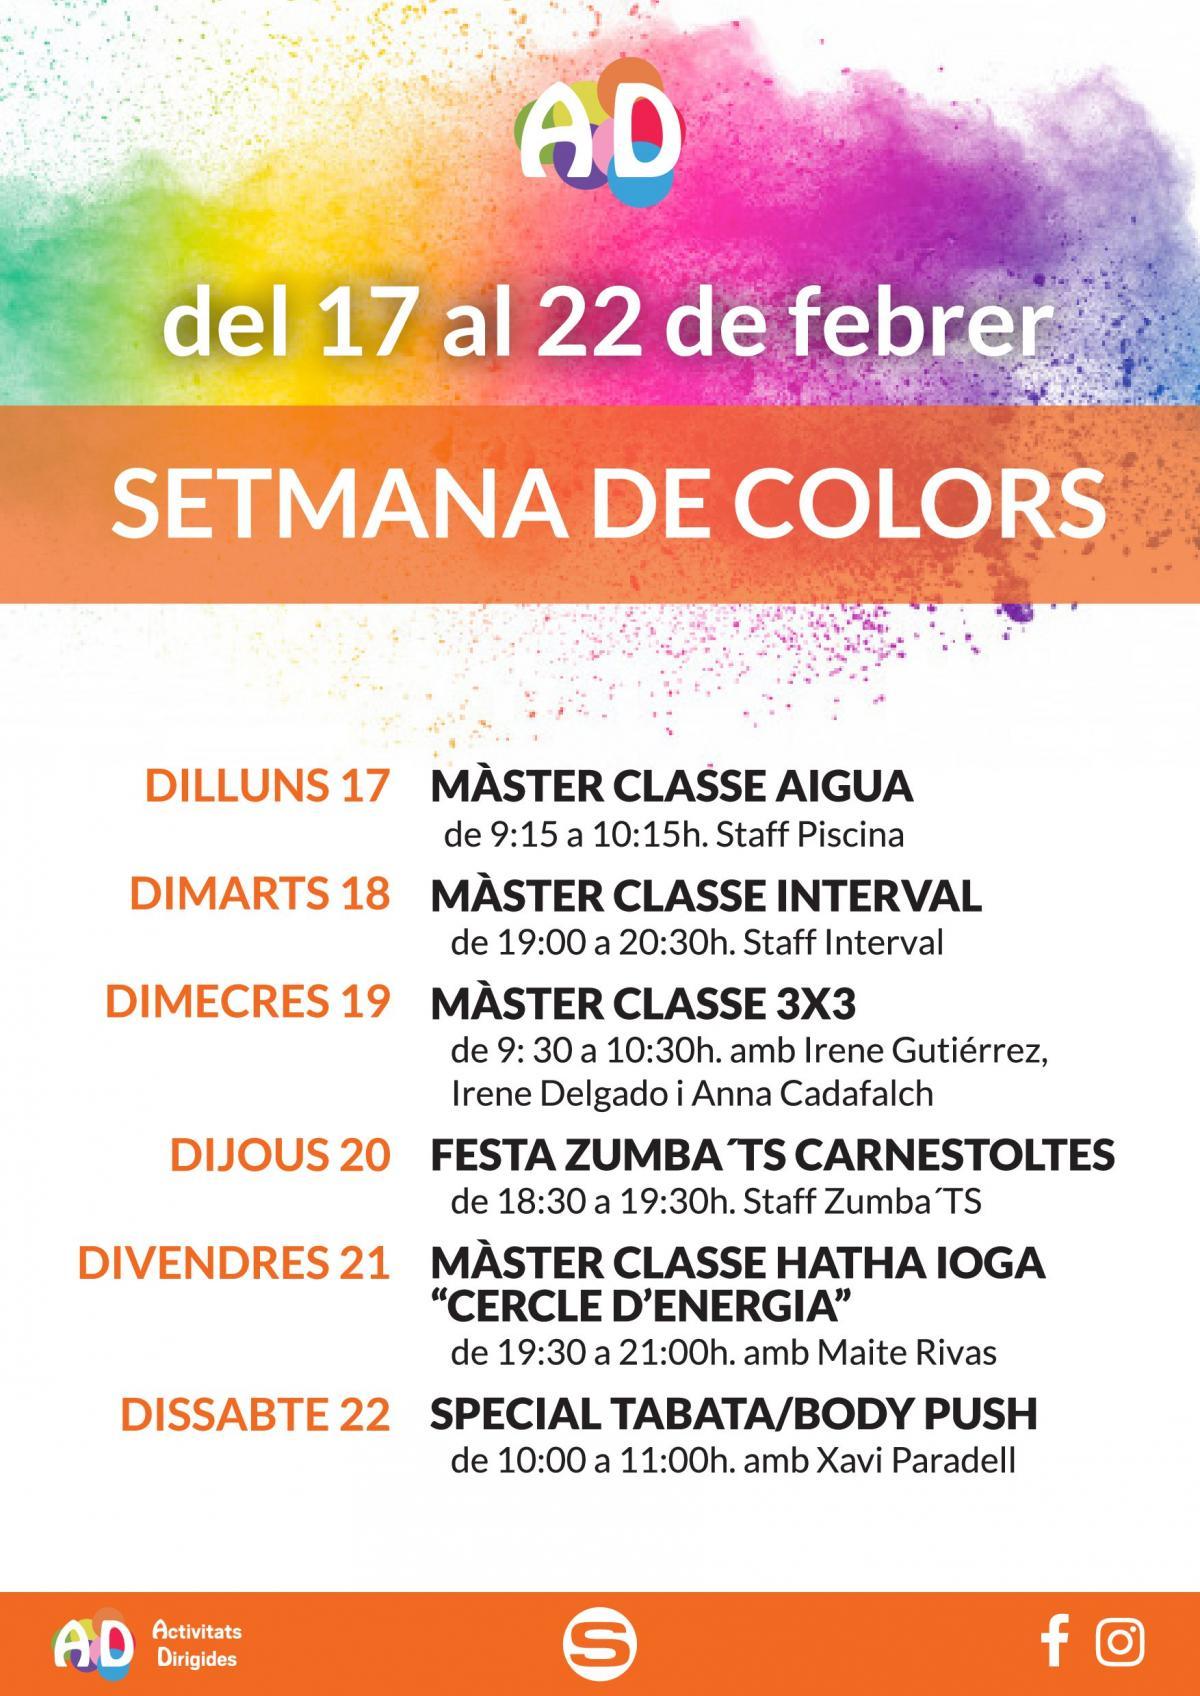 Setmana de colors